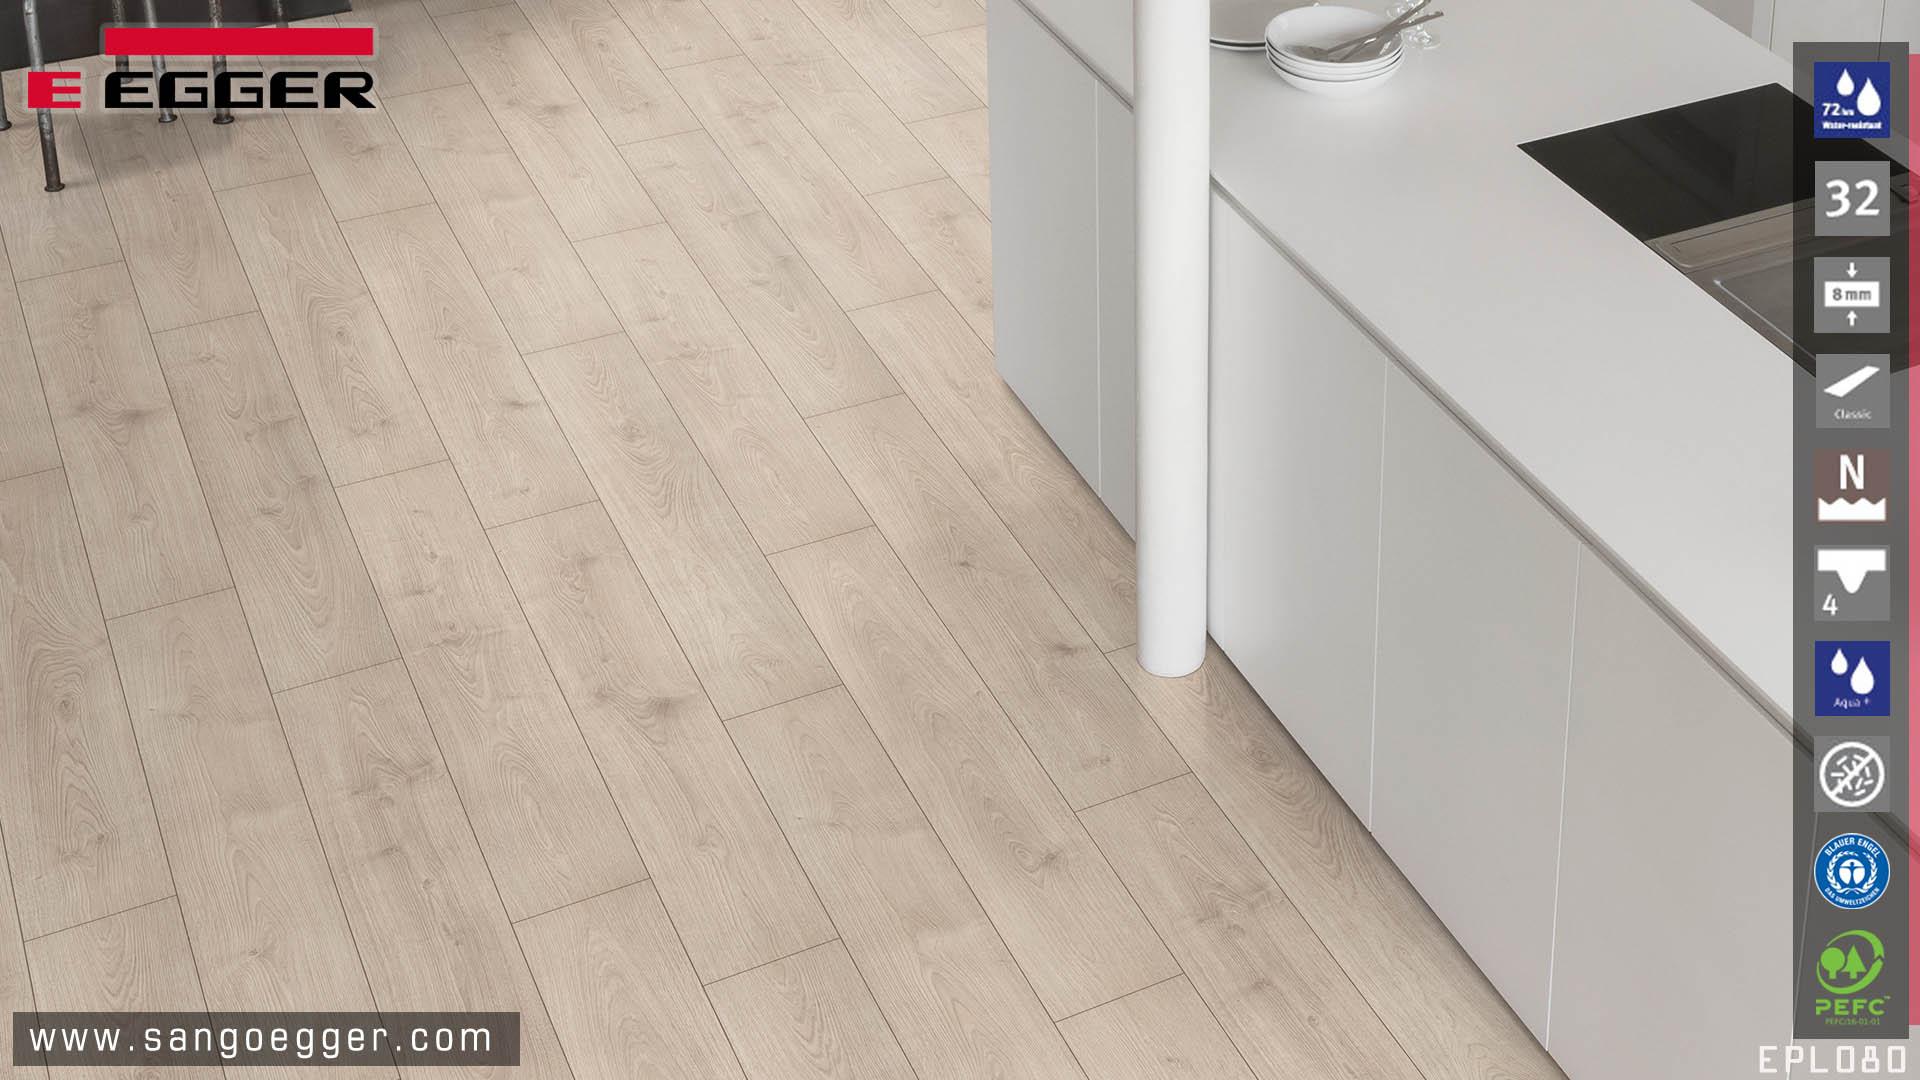 Egger Aqua EPL080 sàn gỗ chuyên dụng cho khu vực bếp